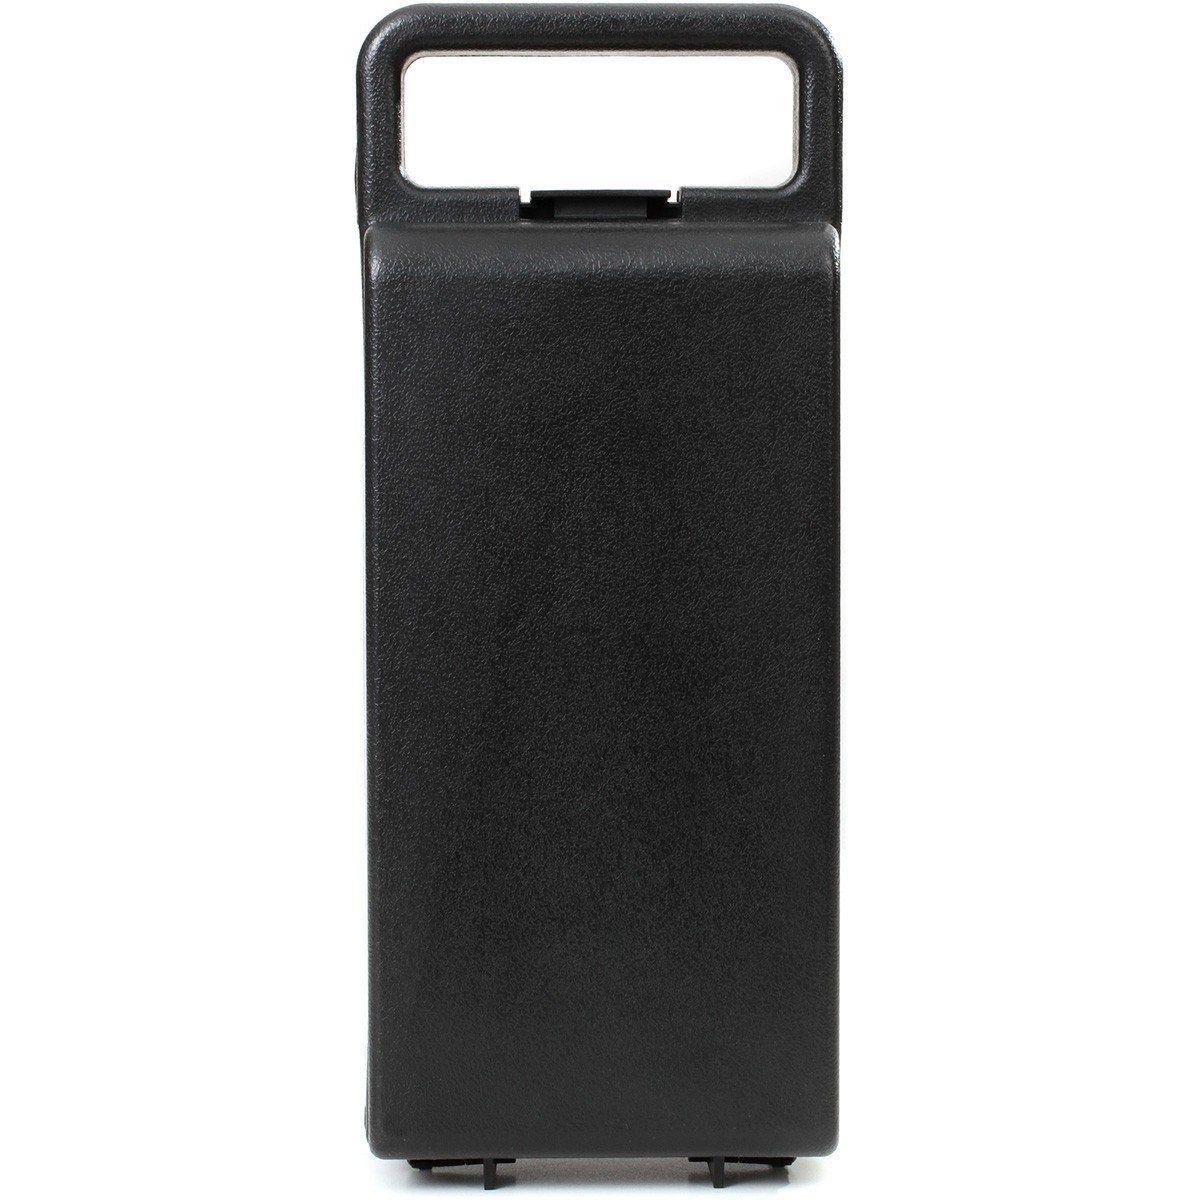 Behringer XM-8500 Microfone Dinâmico Behringer XM 8500 para Palco e Gravações